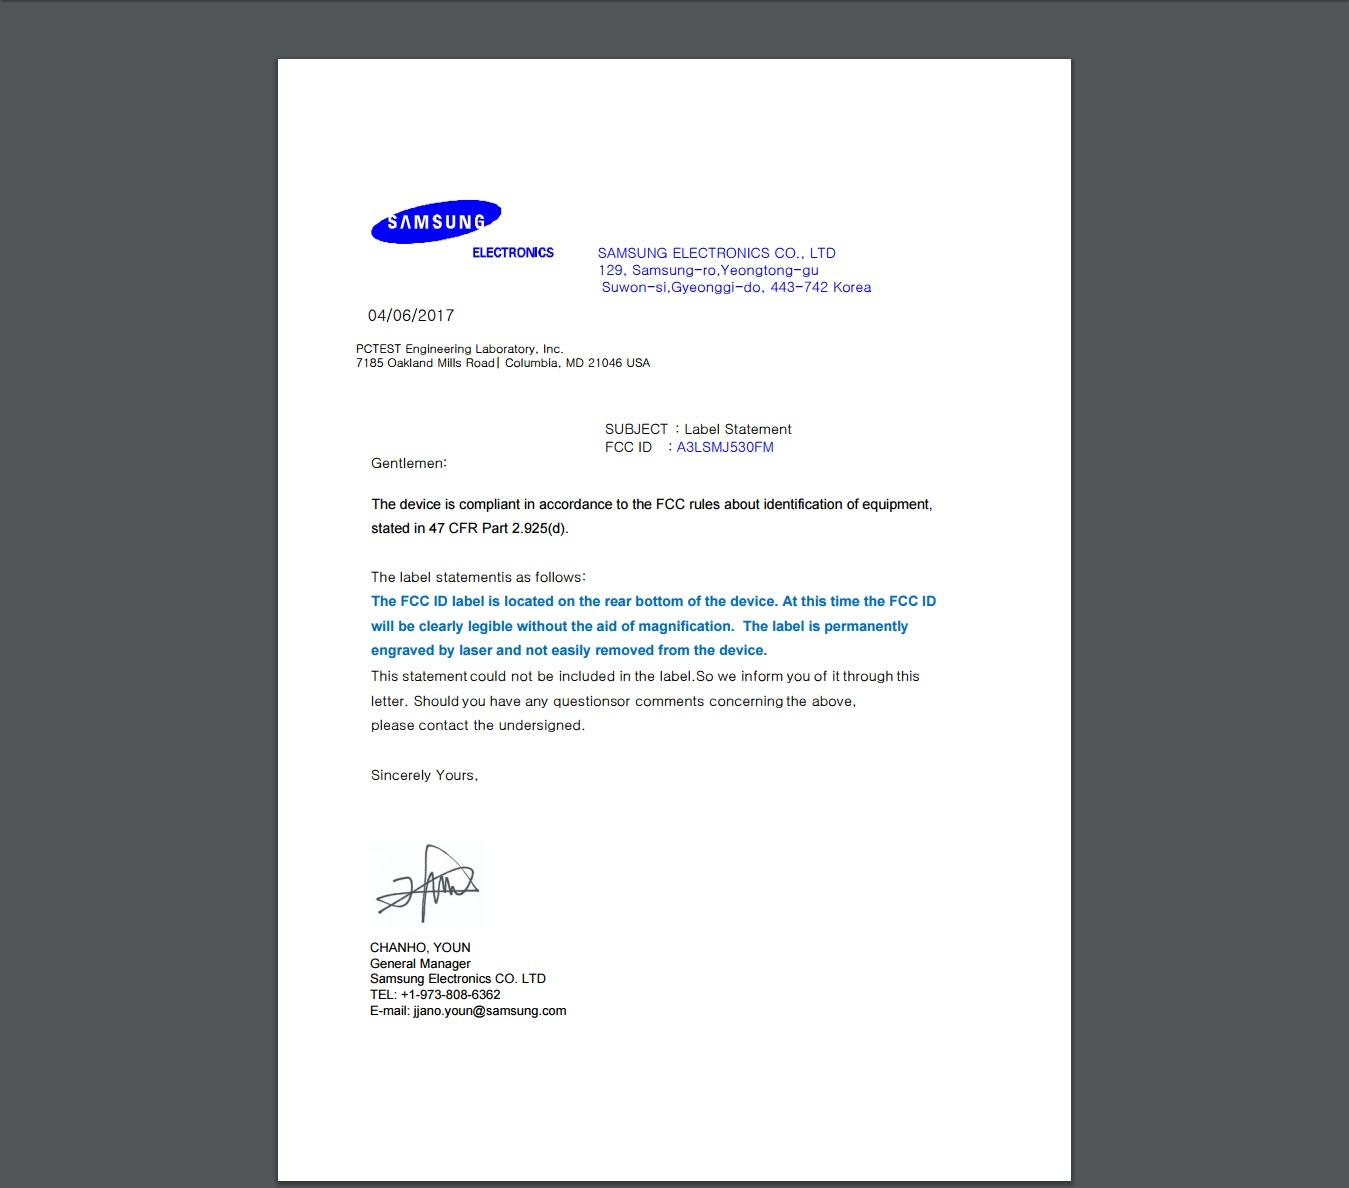 Samsung Galaxy J5 2017 FCC Letter